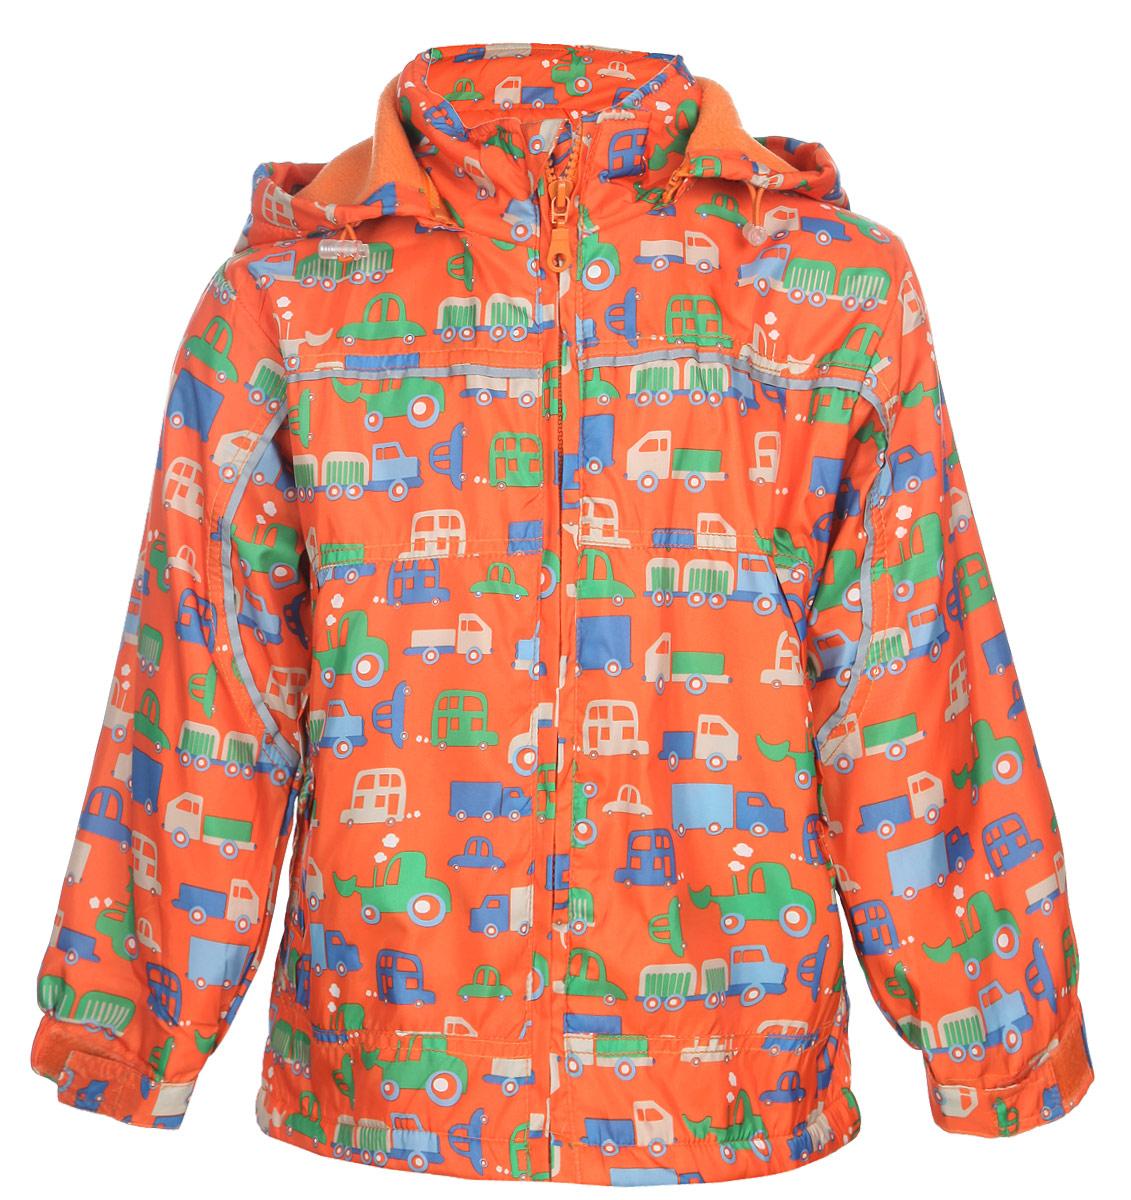 Куртка для мальчика M&D, цвет: оранжевый. 111525R-3. Размер 104111525R-3Яркая куртка для мальчика M&D идеально подойдет для ребенка в прохладное время года. Она выполнена из полиэстера и дополнена мягкой и теплой флисовой подкладкой.Куртка с воротником-стойкой застегивается на удобную застежку-молнию. Съемный капюшон фиксируется при помощи молнии, его объем регулируется при помощи эластичного шнурка со стопперами. Рукава оснащены широкими эластичными резинками, не стягивающими запястья, и хлястиками на липучках. Низ модели дополнен скрытым эластичным шнурком со стопперами. По бокам курточка дополнена двумя втачными кармашками на застежках-молниях. Изделие оформлено красочным принтом с изображением автомобилей и дополнена светоотражающими полосками. В такой куртке ваш маленький мужчина будет чувствовать себя комфортно, уютно и всегда будет в центре внимания!